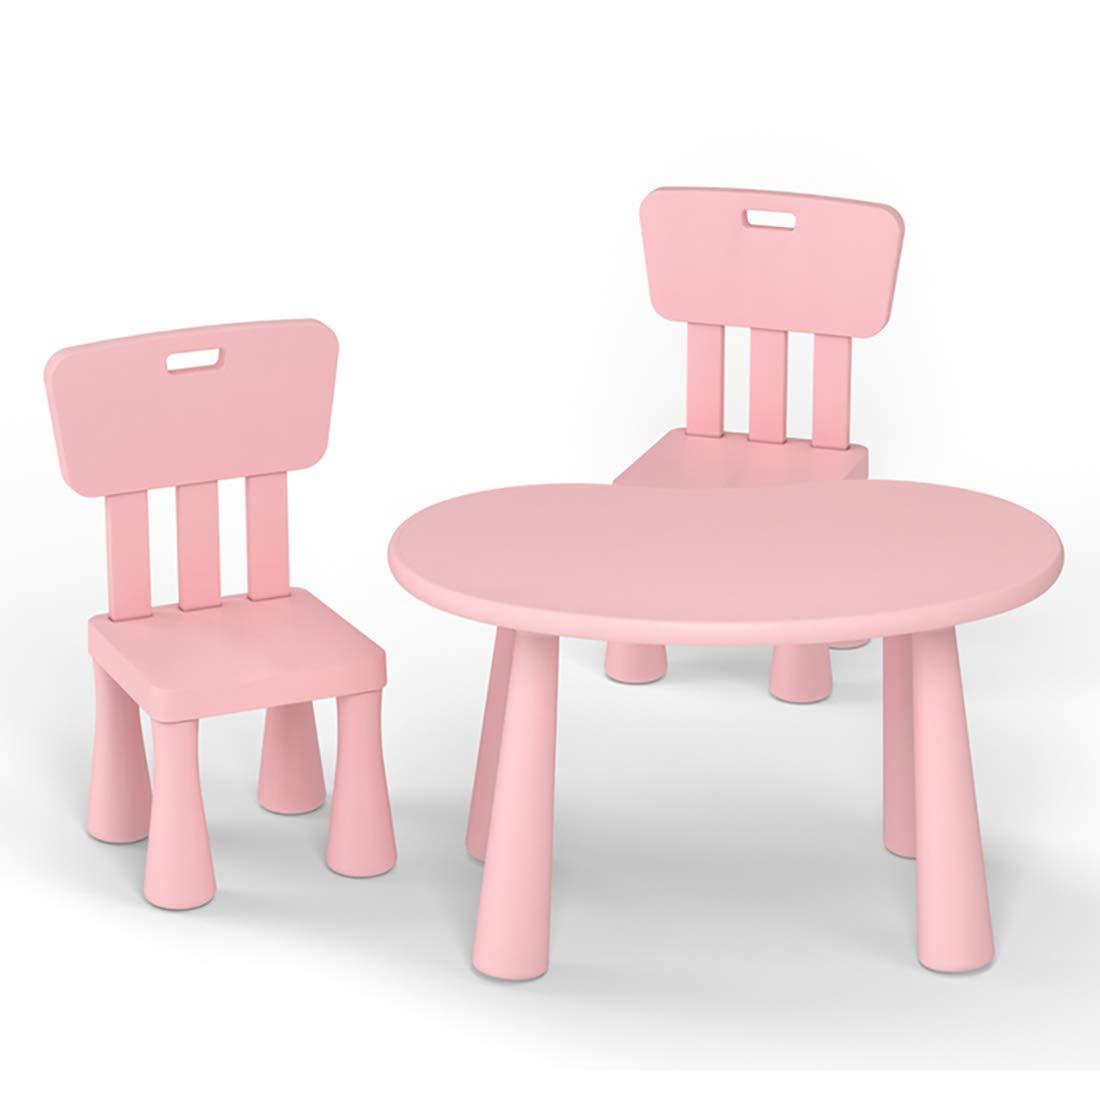 rose two square chairs DAXIONG Ensemble de Table d'étude pour Enfants, Chaise de Table de Jeu pour Tout-Petits dessinateur, Table de Bureau de Jeu pour bébé, Convient aux Enfants de 6 Mois à 6 Ans